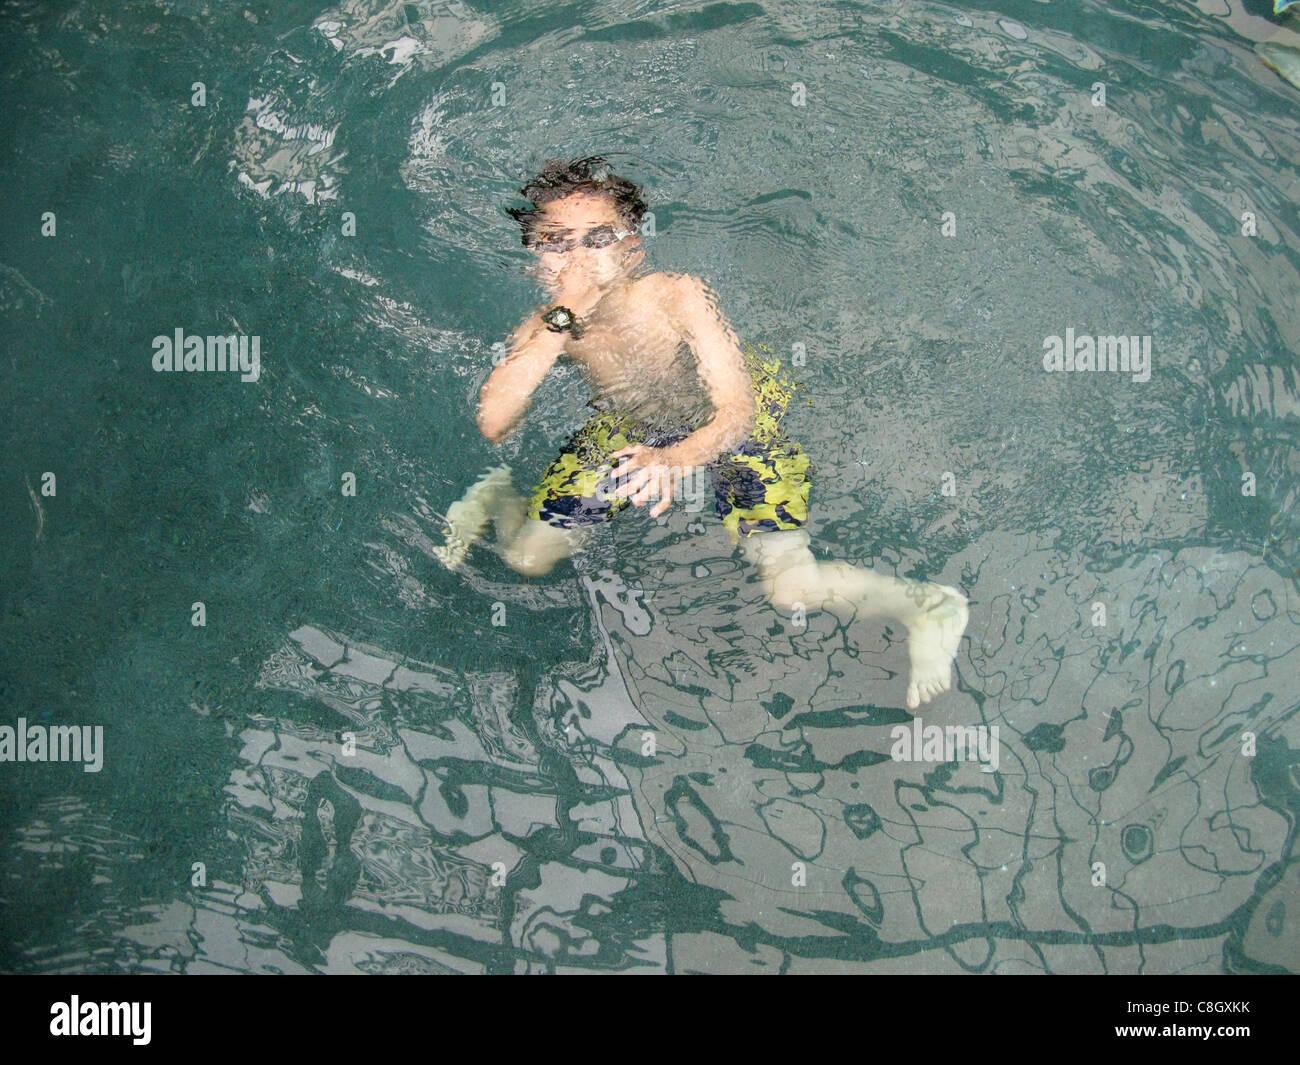 Ein kleiner Junge unter Wasser schwimmen Stockbild